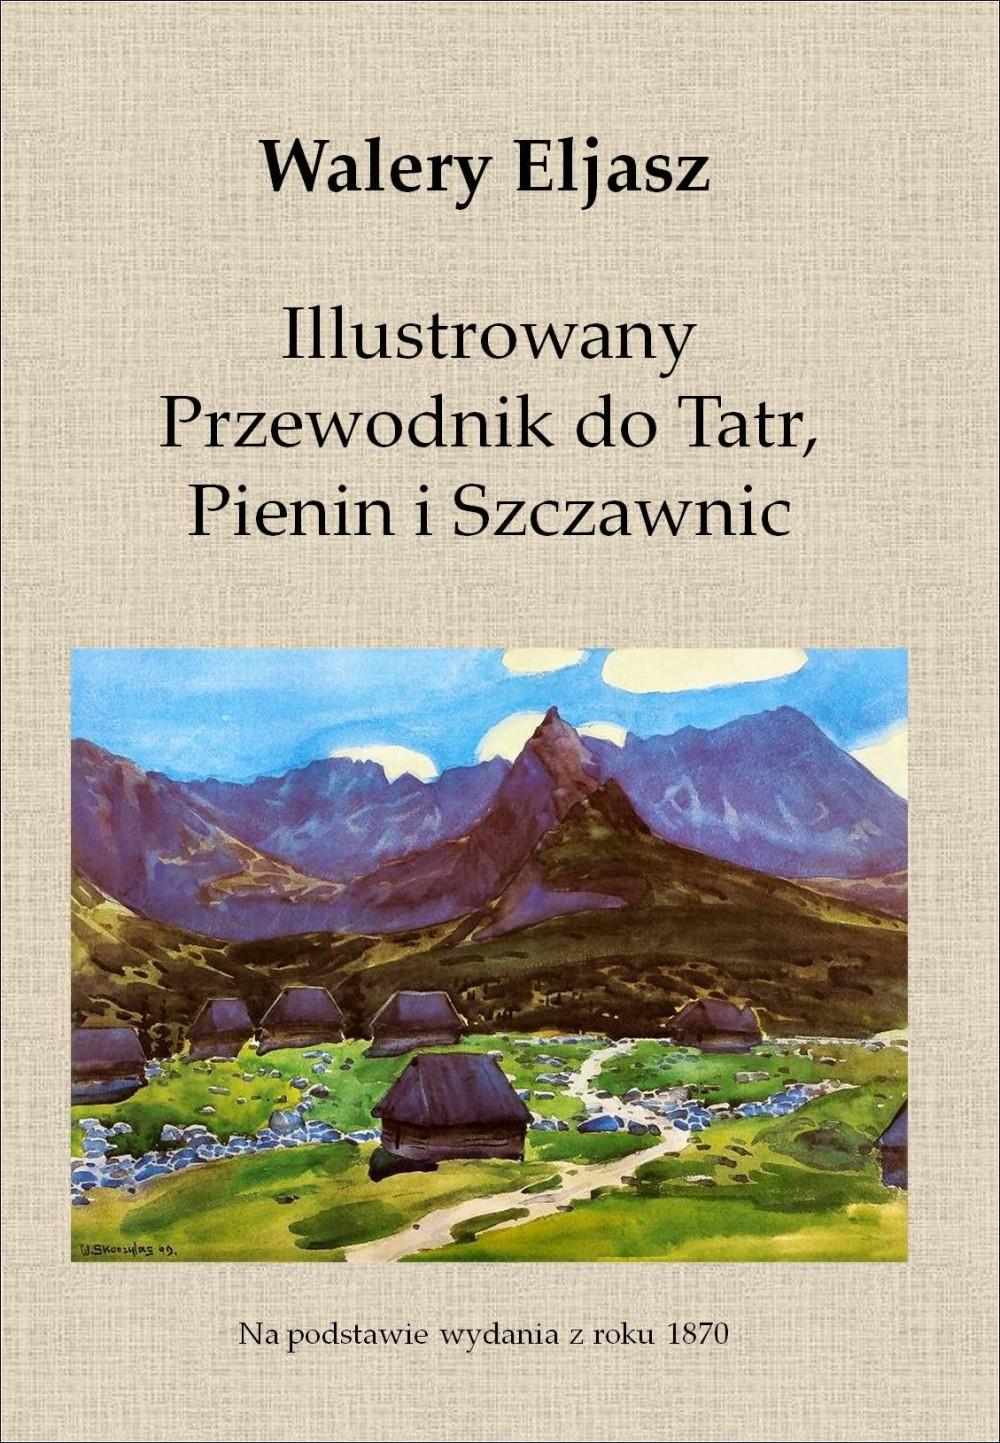 Illustrowany Przewodnik do Tatr, Pienin i Szczawnic ebook